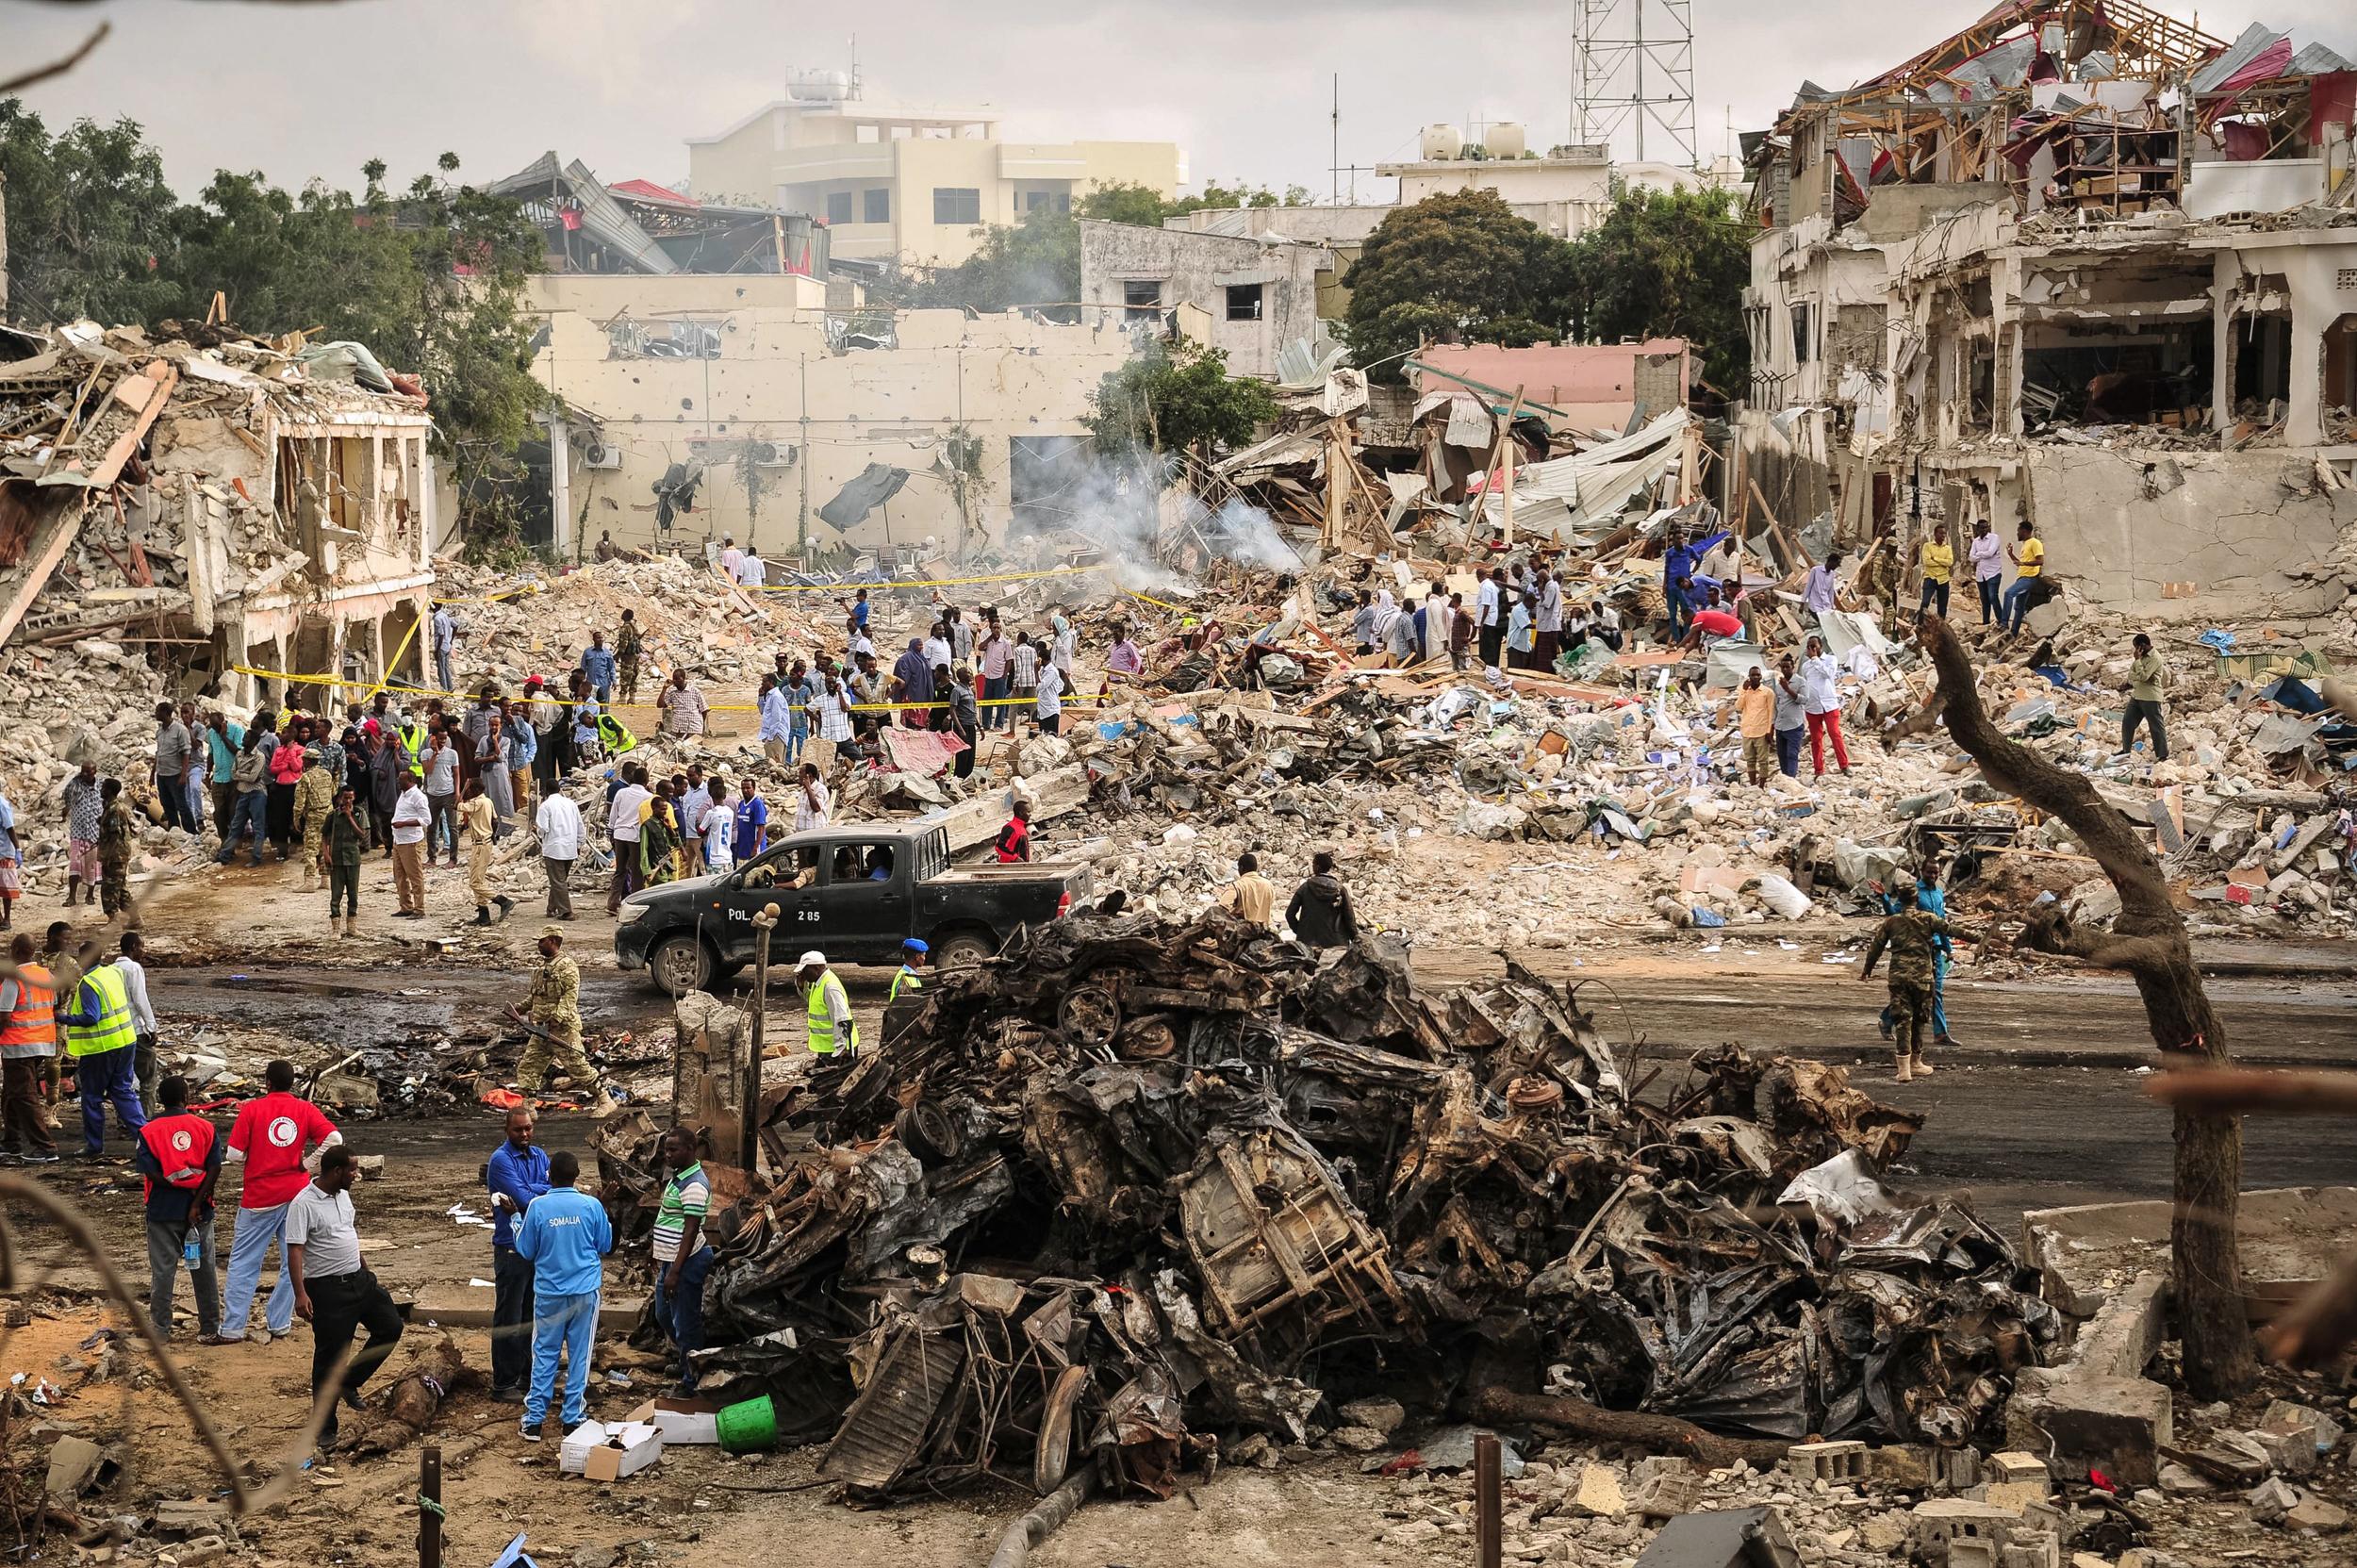 Somalia Bomb Attack Killed Two U.S. Citizens